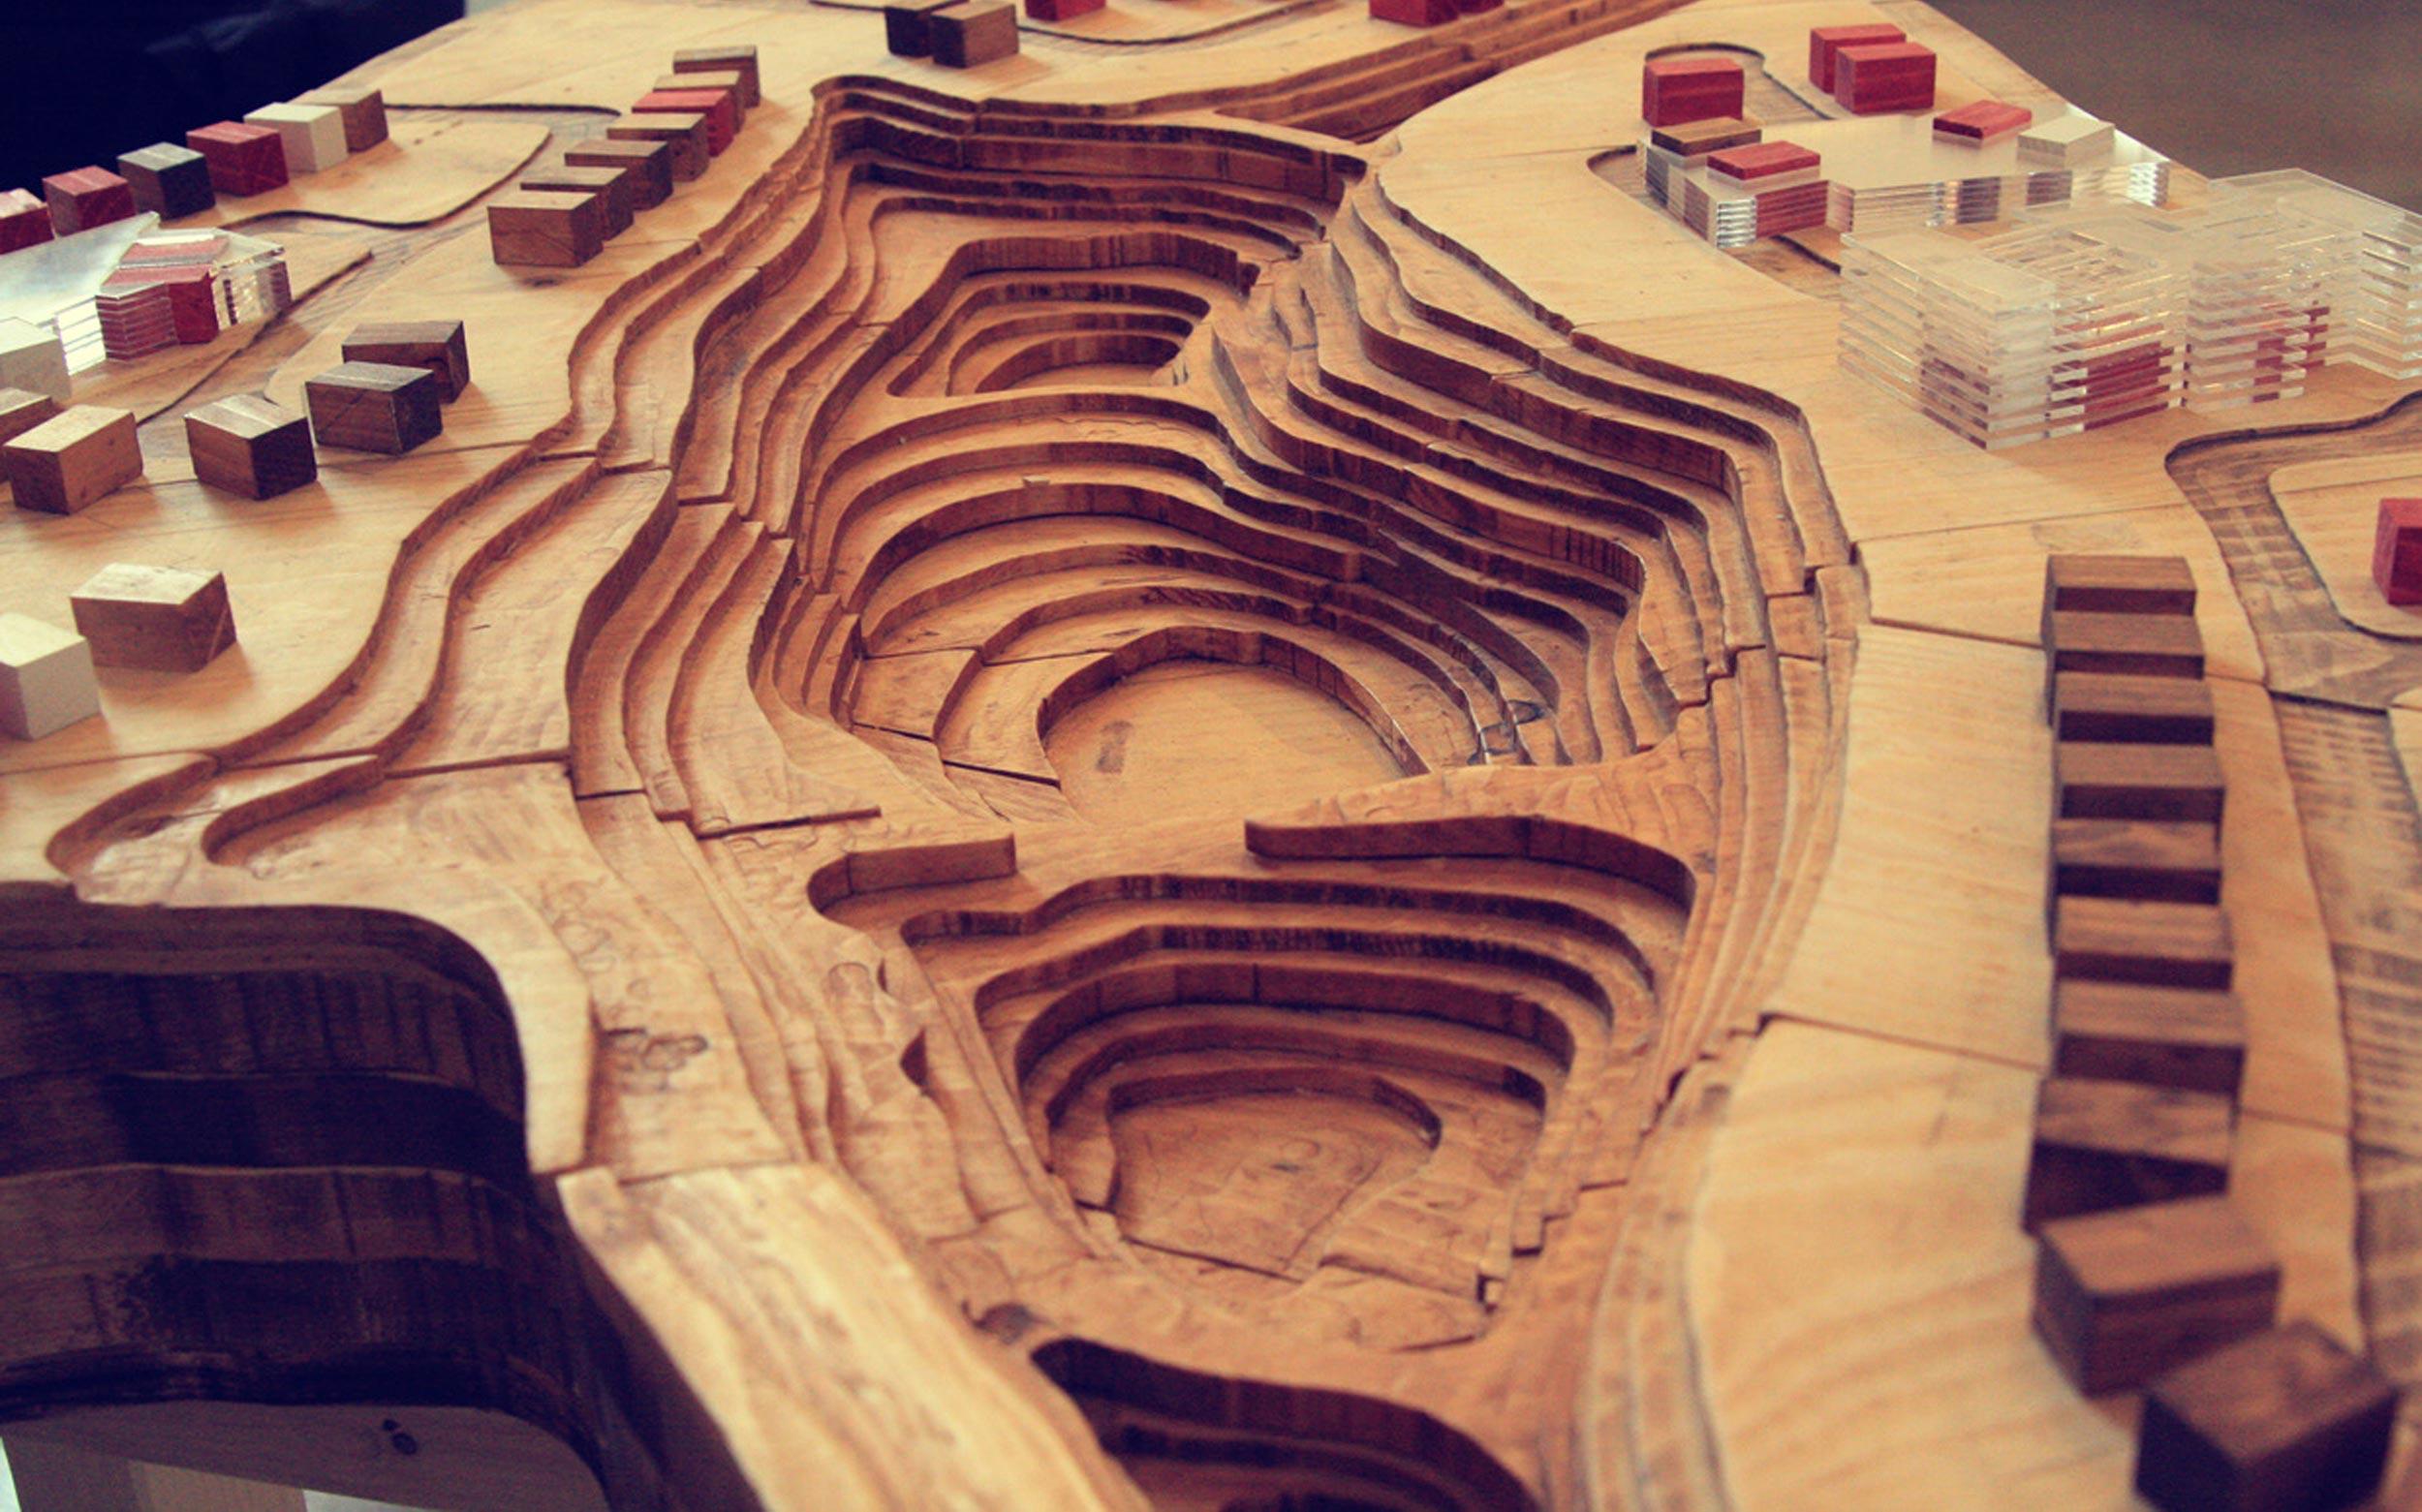 retrofitting-the-american-dream-archillusion-desgin-06.jpg